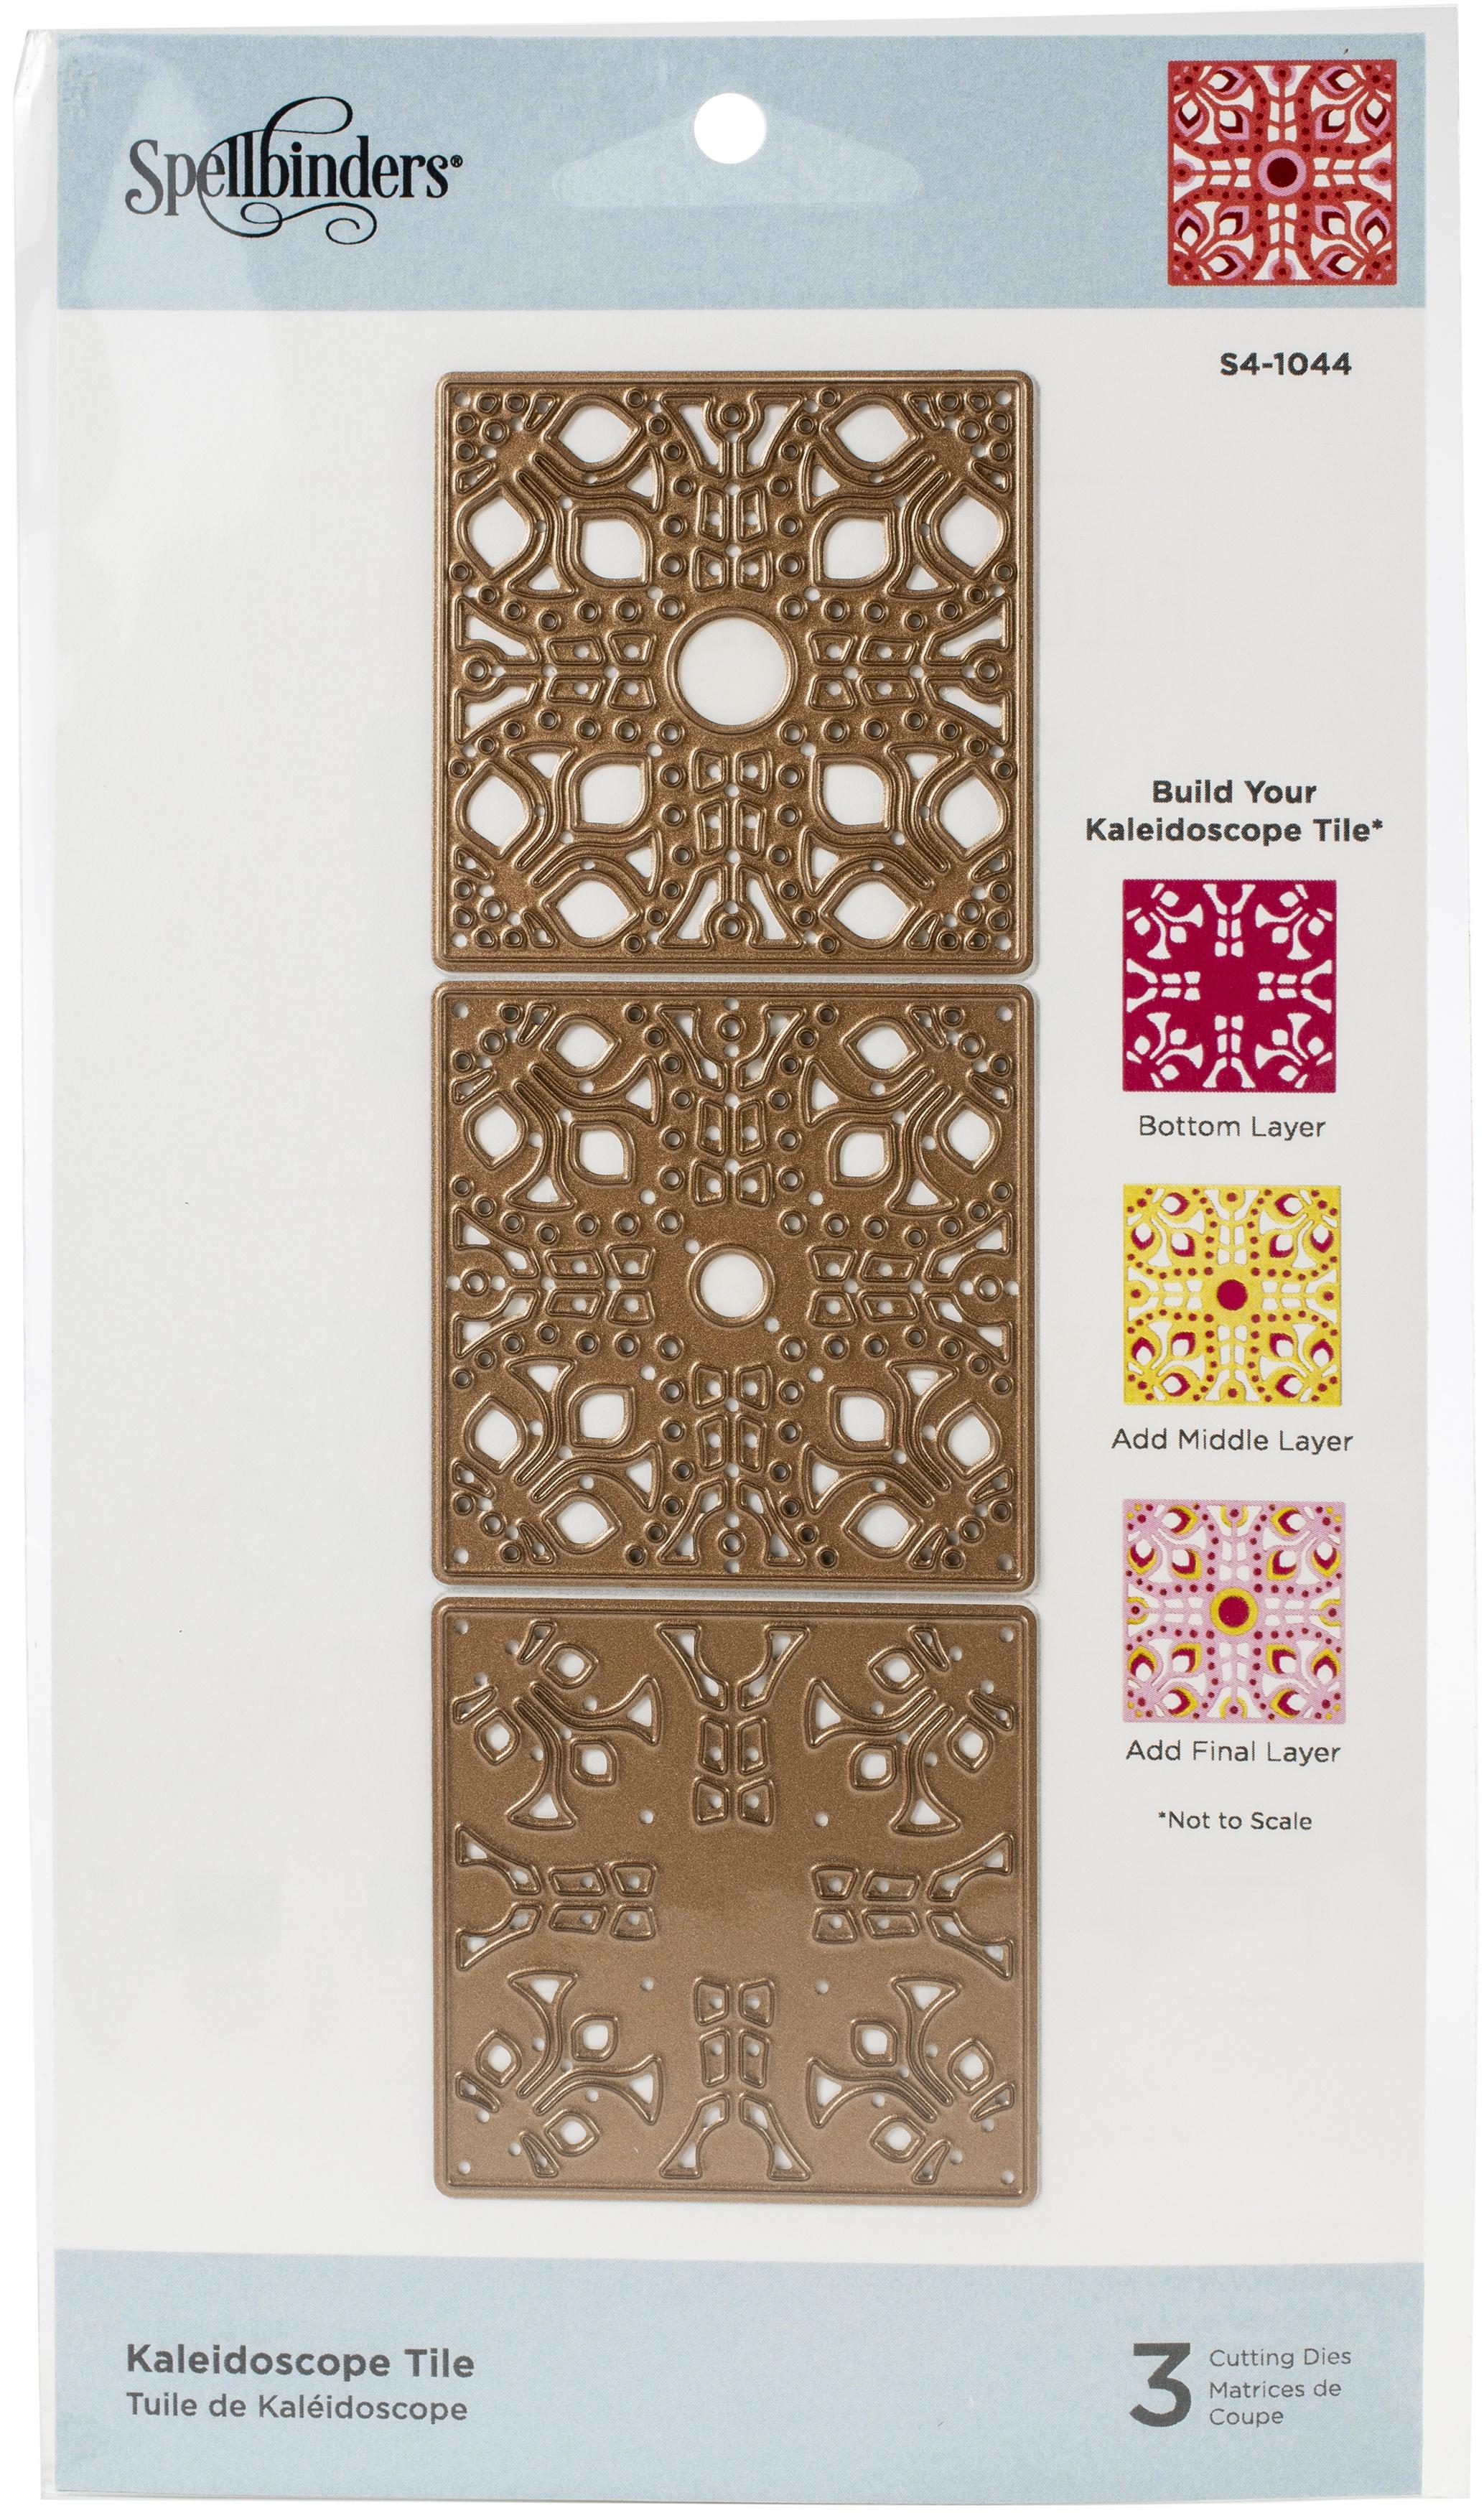 Spellbinders Etched Dies-Kaleidoscope Tile